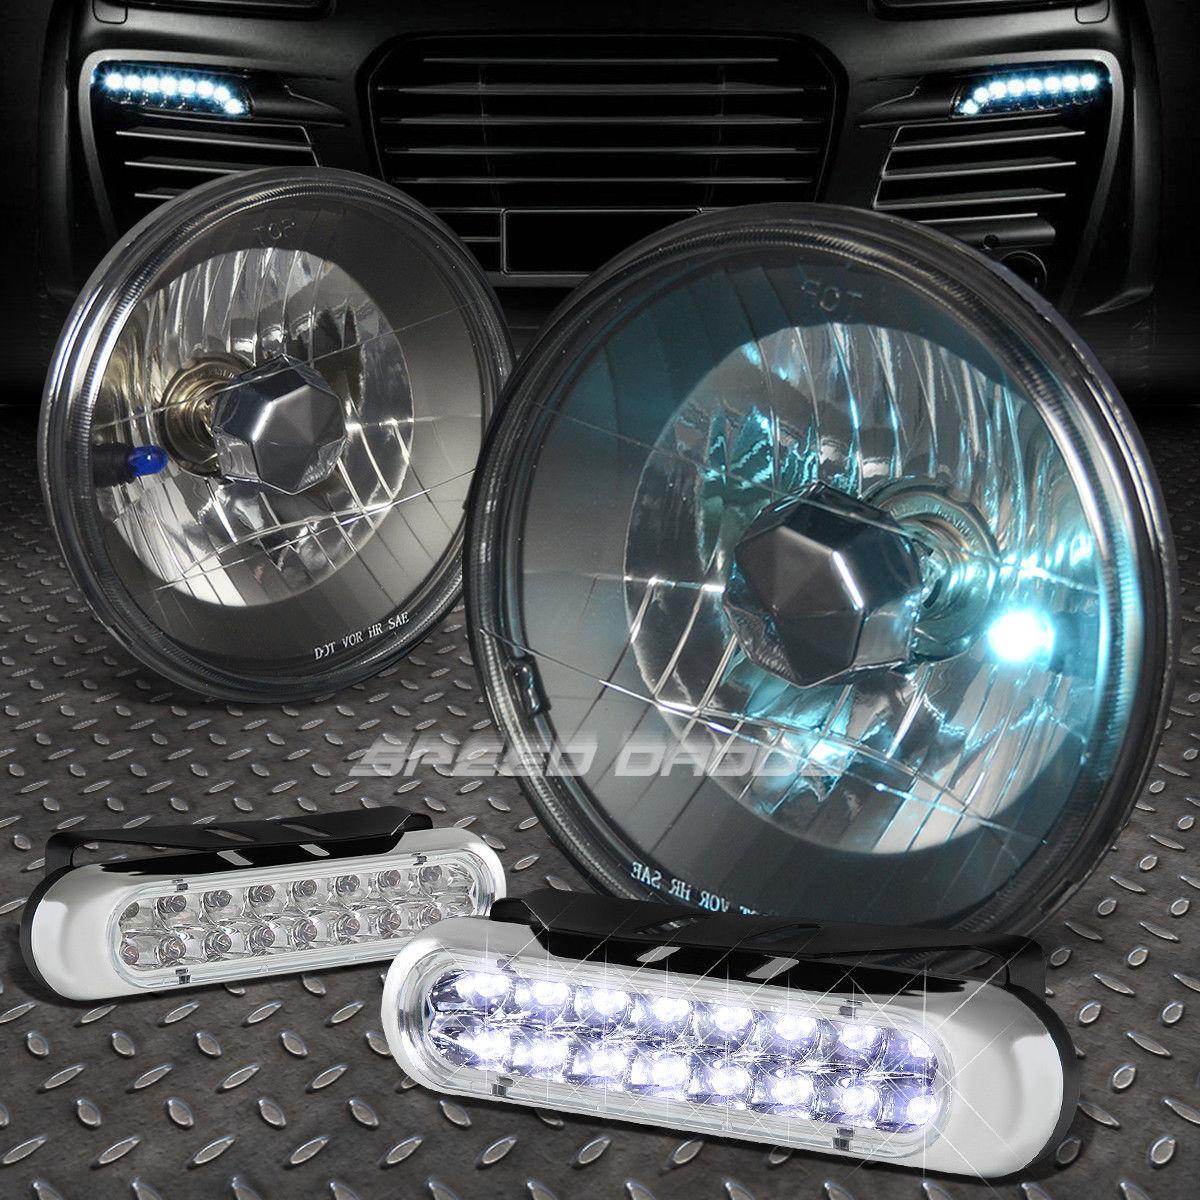 フォグライト 7x7 ROUND BLACK HOUSING HEADLIGHT+16 LED GRILL FOG LIGHT FOR DODGE CHARGER 7×7ブラックブラウンハウジングヘッドライト+ 16個のLEDグリッドフォグライトドッジチャージャー用